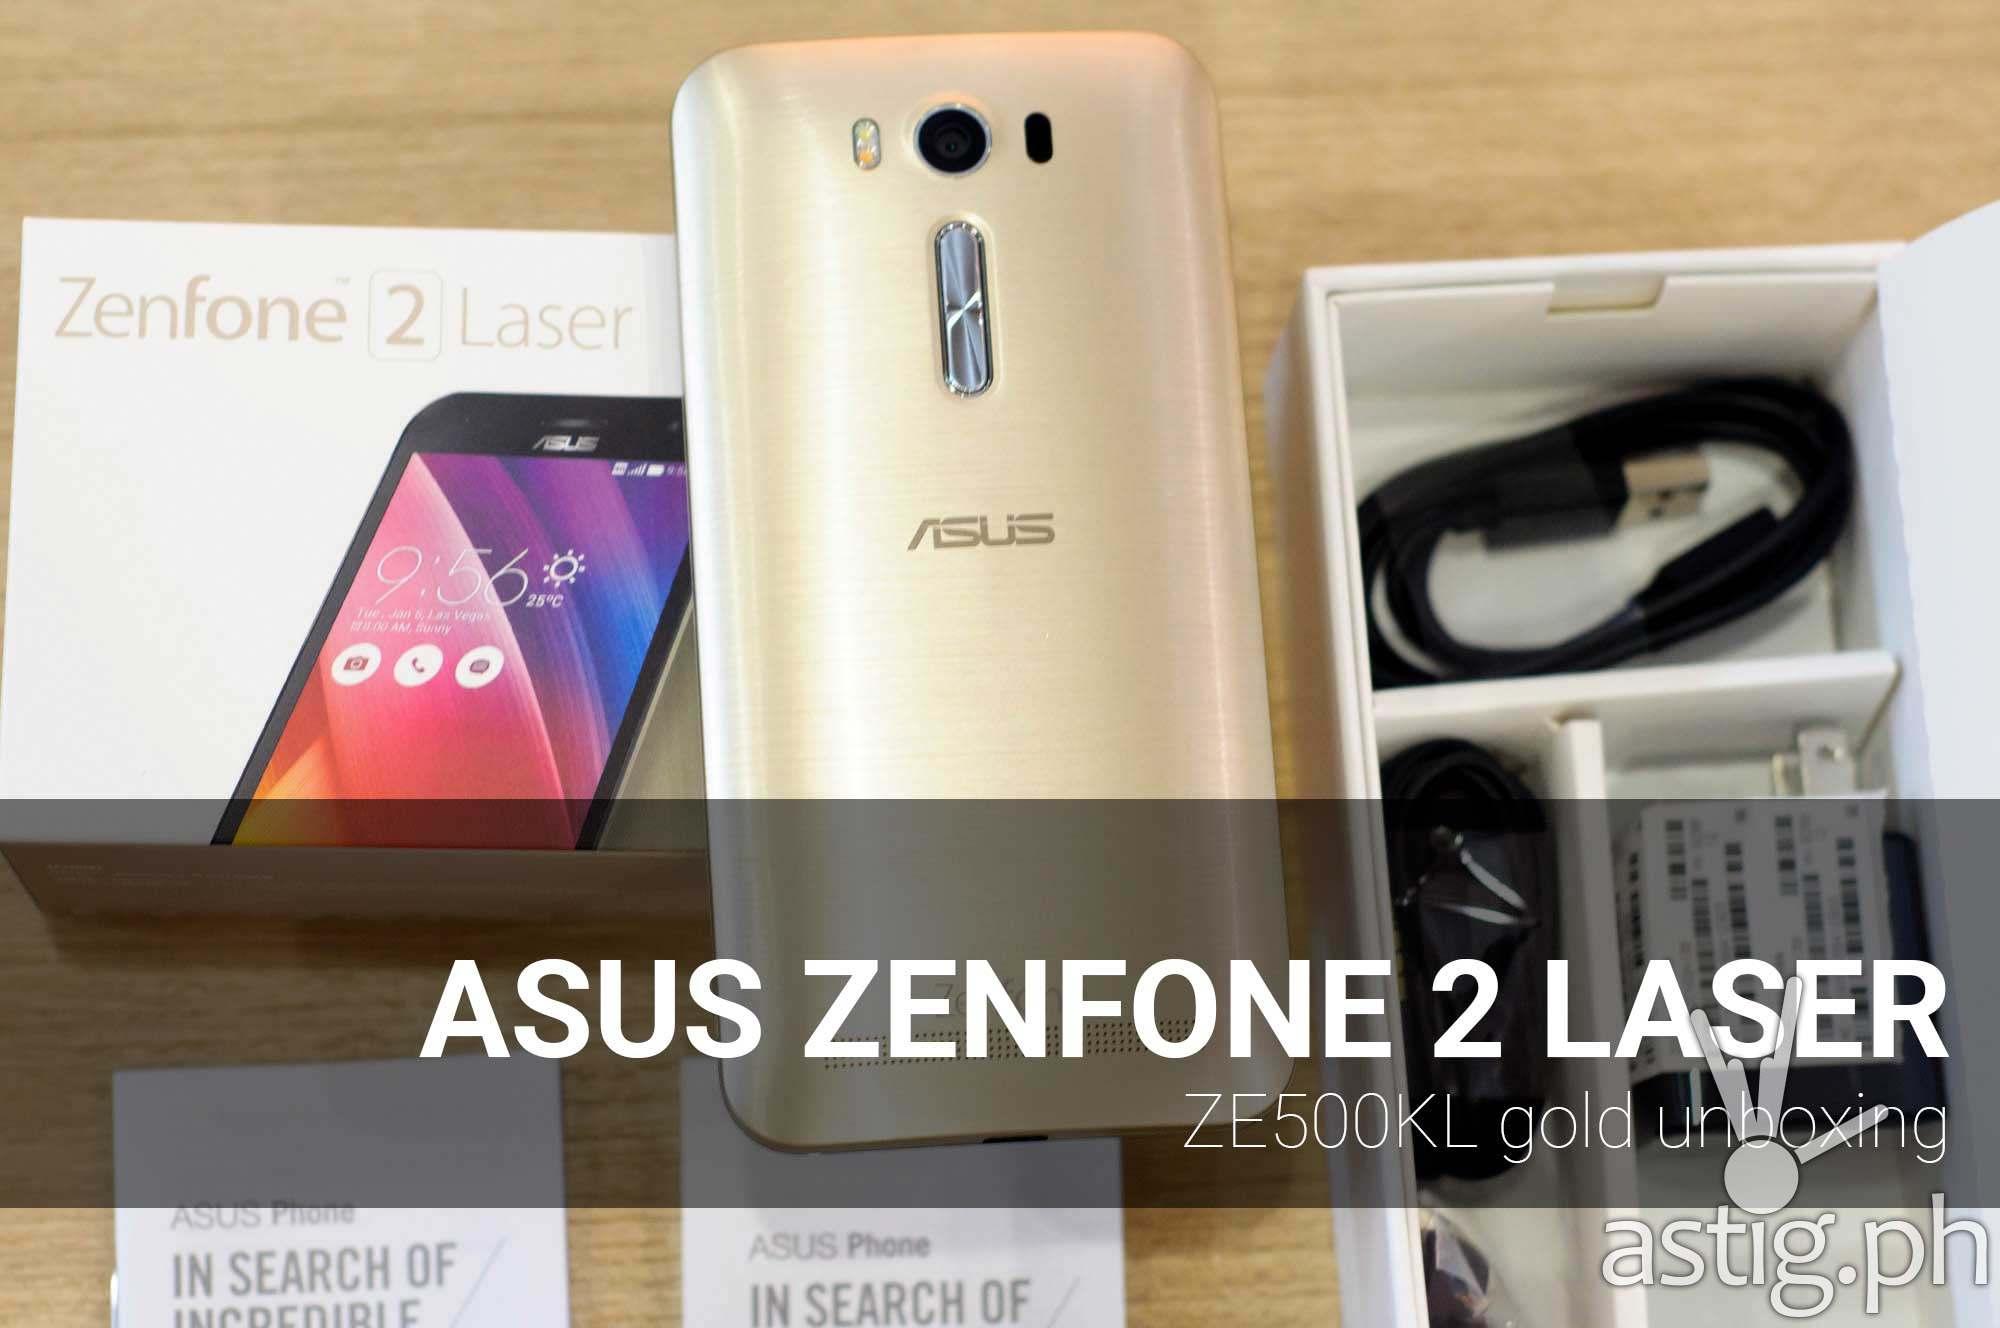 ASUS Zenfone 2 Laser unboxing